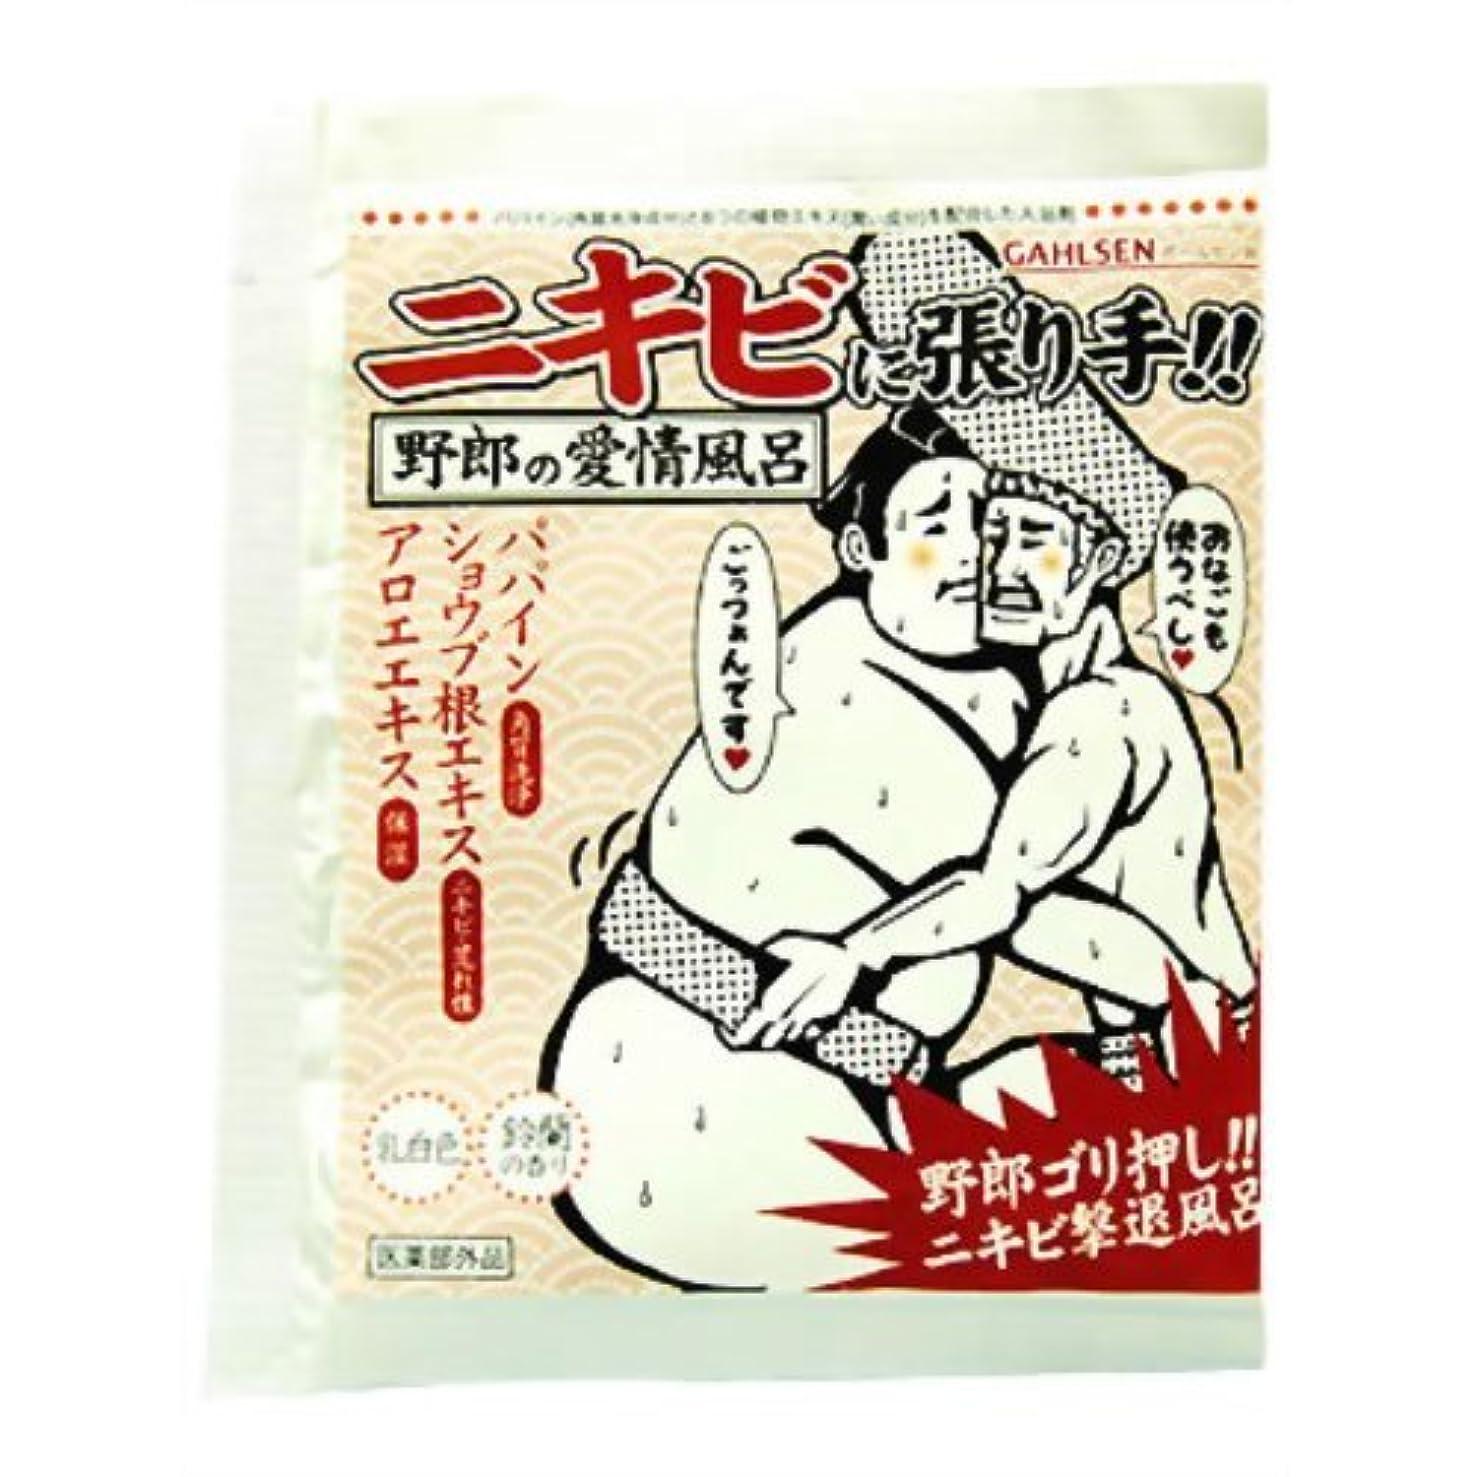 証拠オーバードロー関数ガールセンW 25g*10袋(入浴剤)